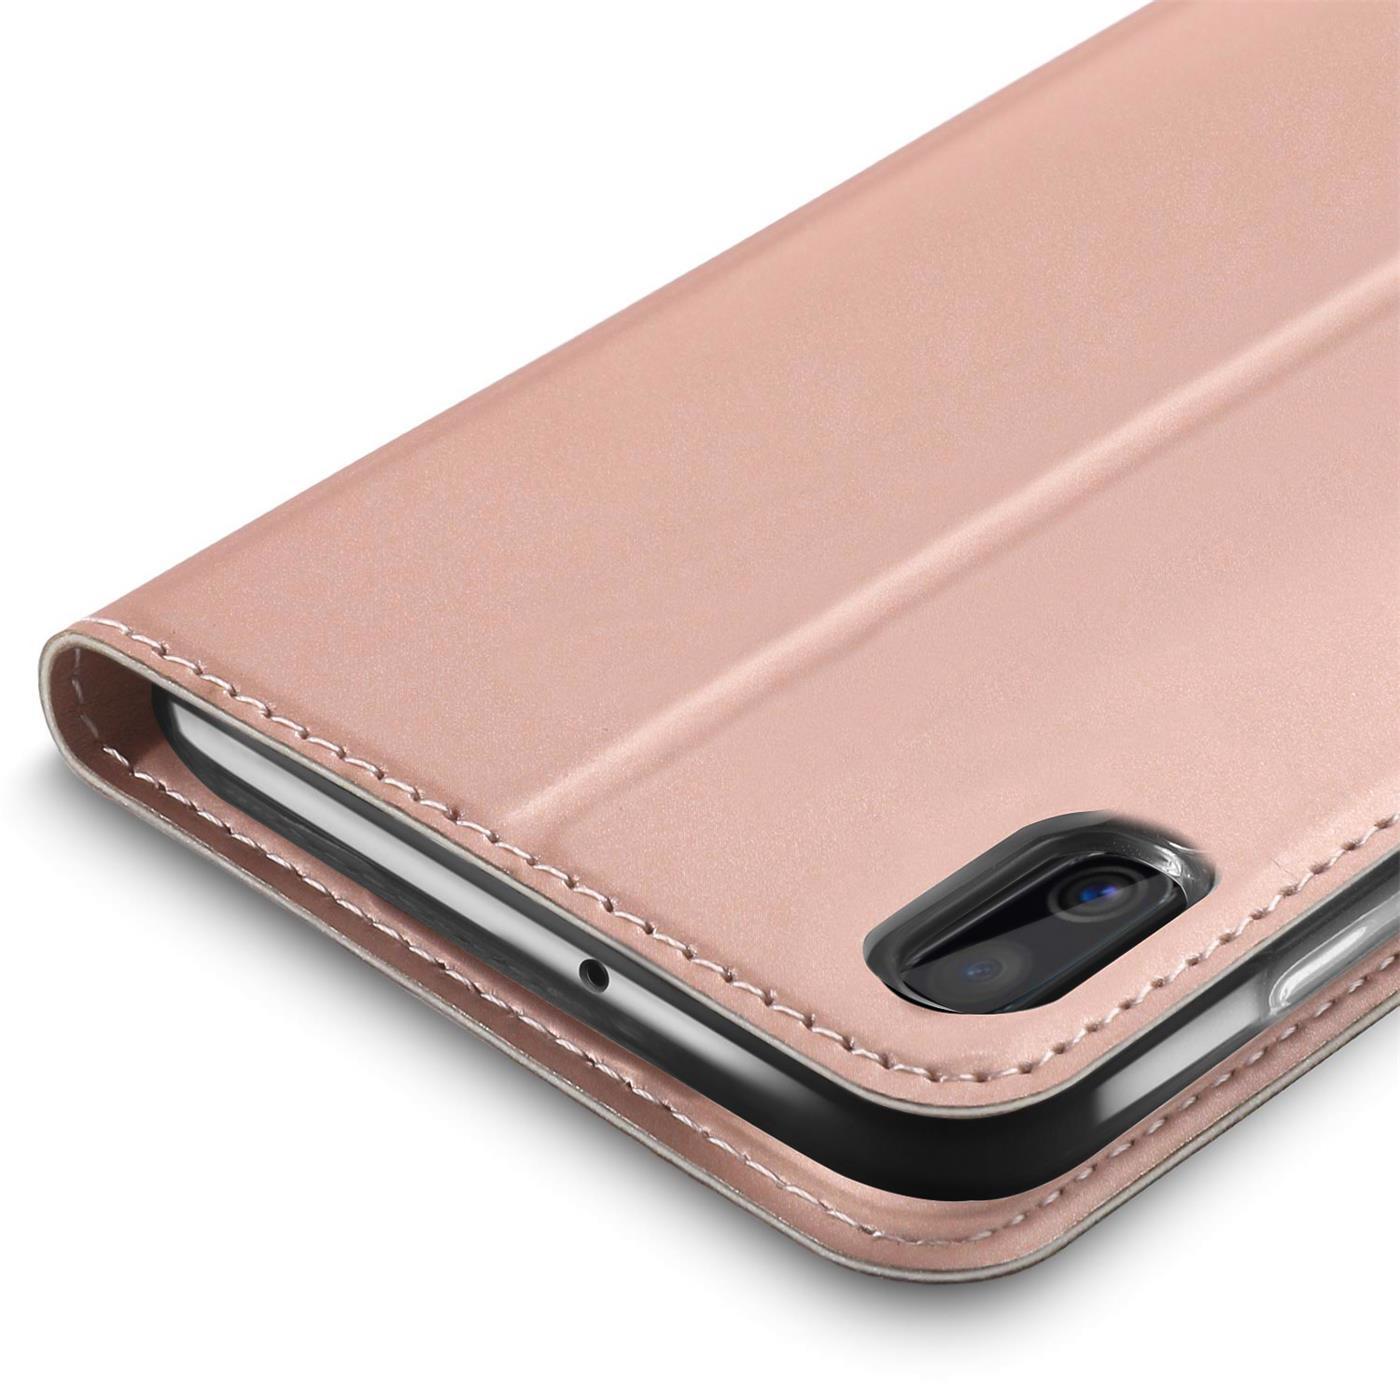 Samsung-Galaxy-A10-Handy-Schutz-Huelle-Tasche-Flip-Case-Klapphuelle-Schutzhuelle Indexbild 17